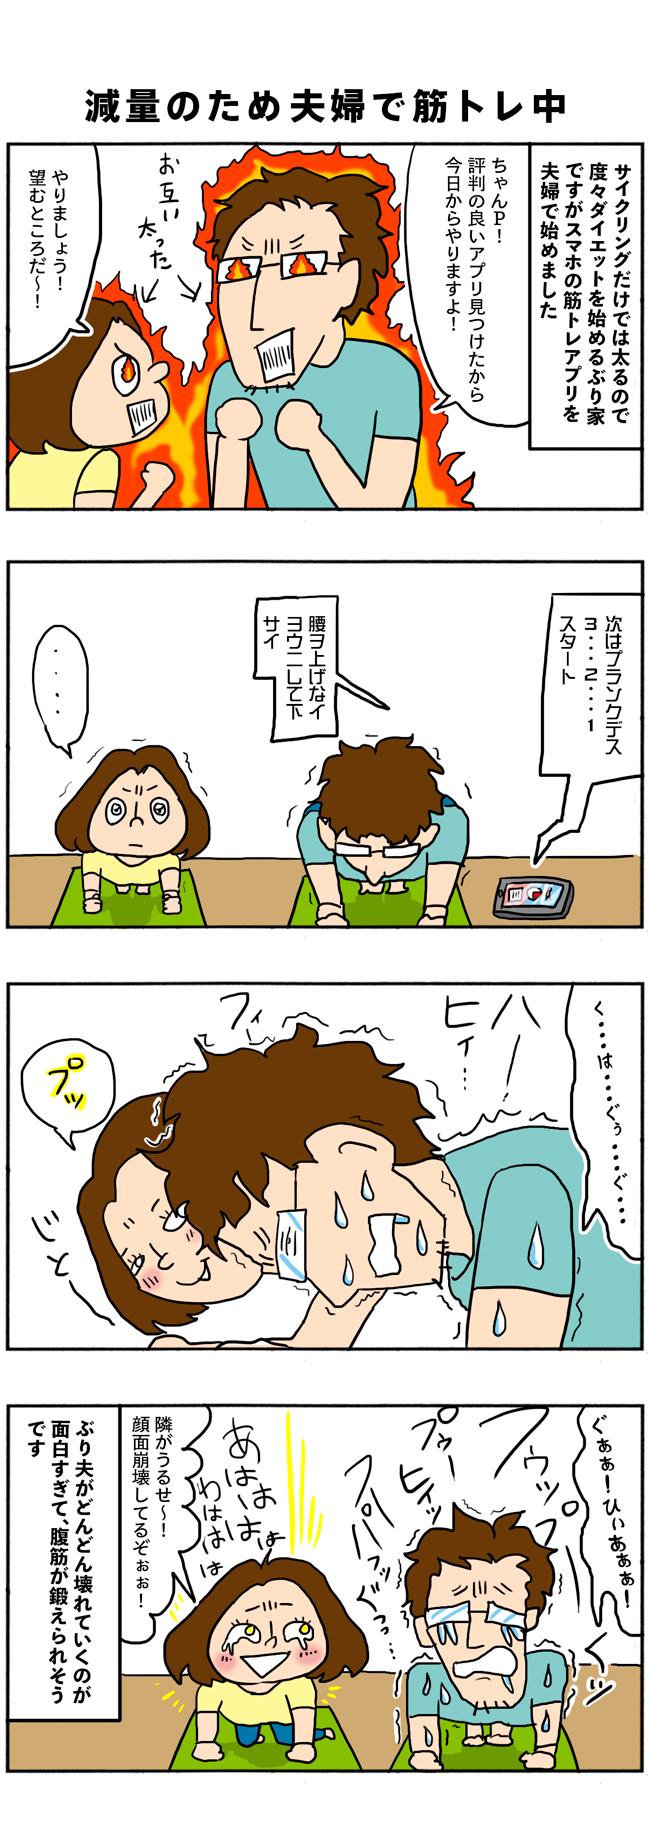 サイクリングだけじゃダメだ!夫婦で筋トレアプリでダイエット中(四コマ漫画)